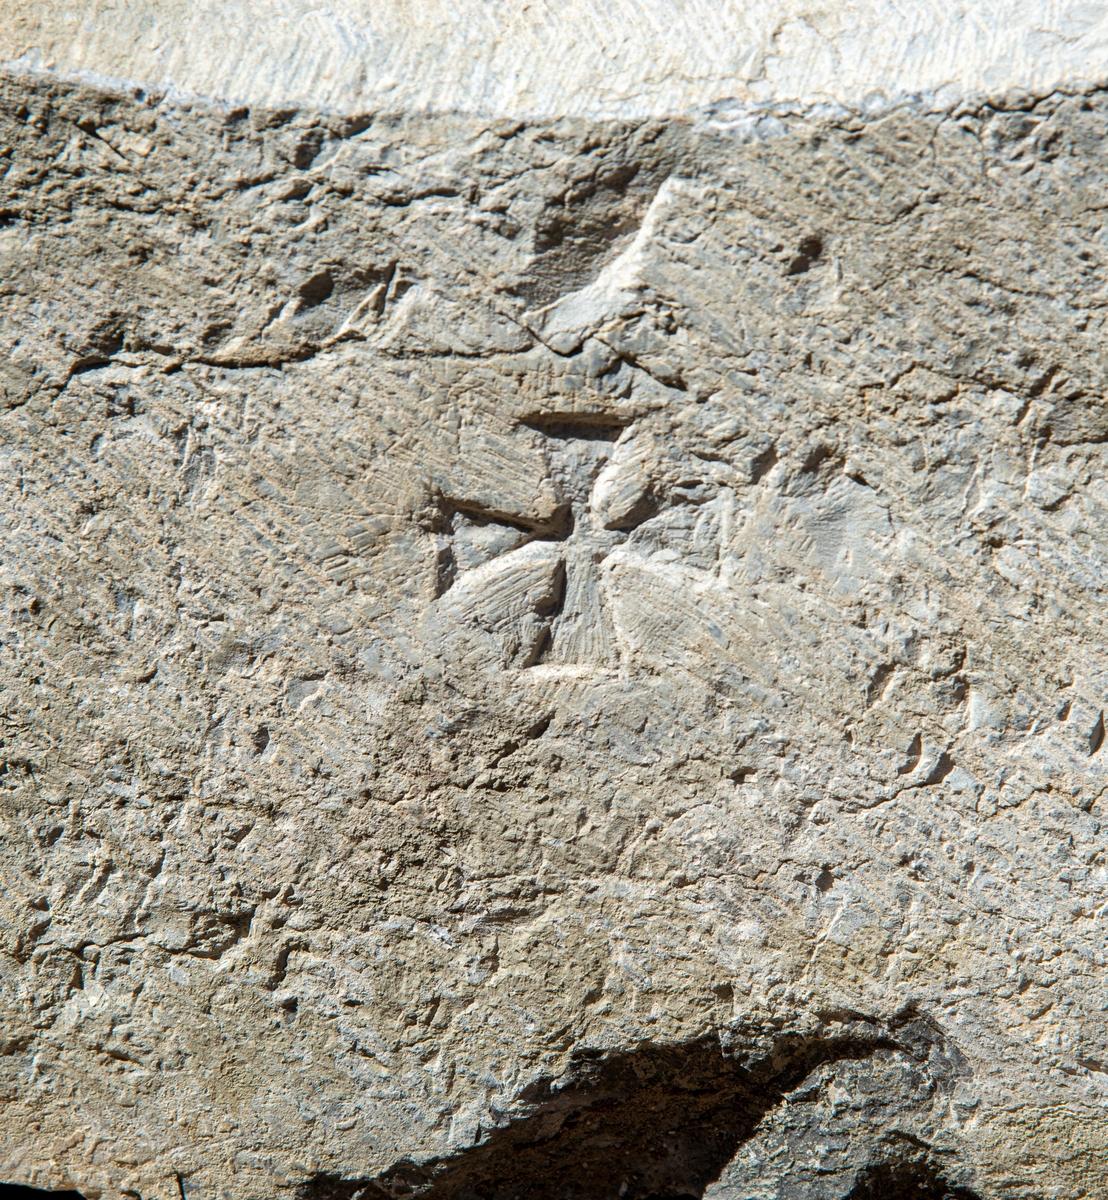 Istandsetting av mur på Storhamarlåven. Murer Tom Greve plukker nøye ned stein for stein, før han til slutt skal bygge opp igjen muren.  Stein som har tilhørt en av dørportalene eller vindusramme på den gamle domkirken. Den var blitt gjenbrukt i oppbyggingen av Storhamarlåven som gårdsbygg på 1820-1830 tallet. Andreaskors.